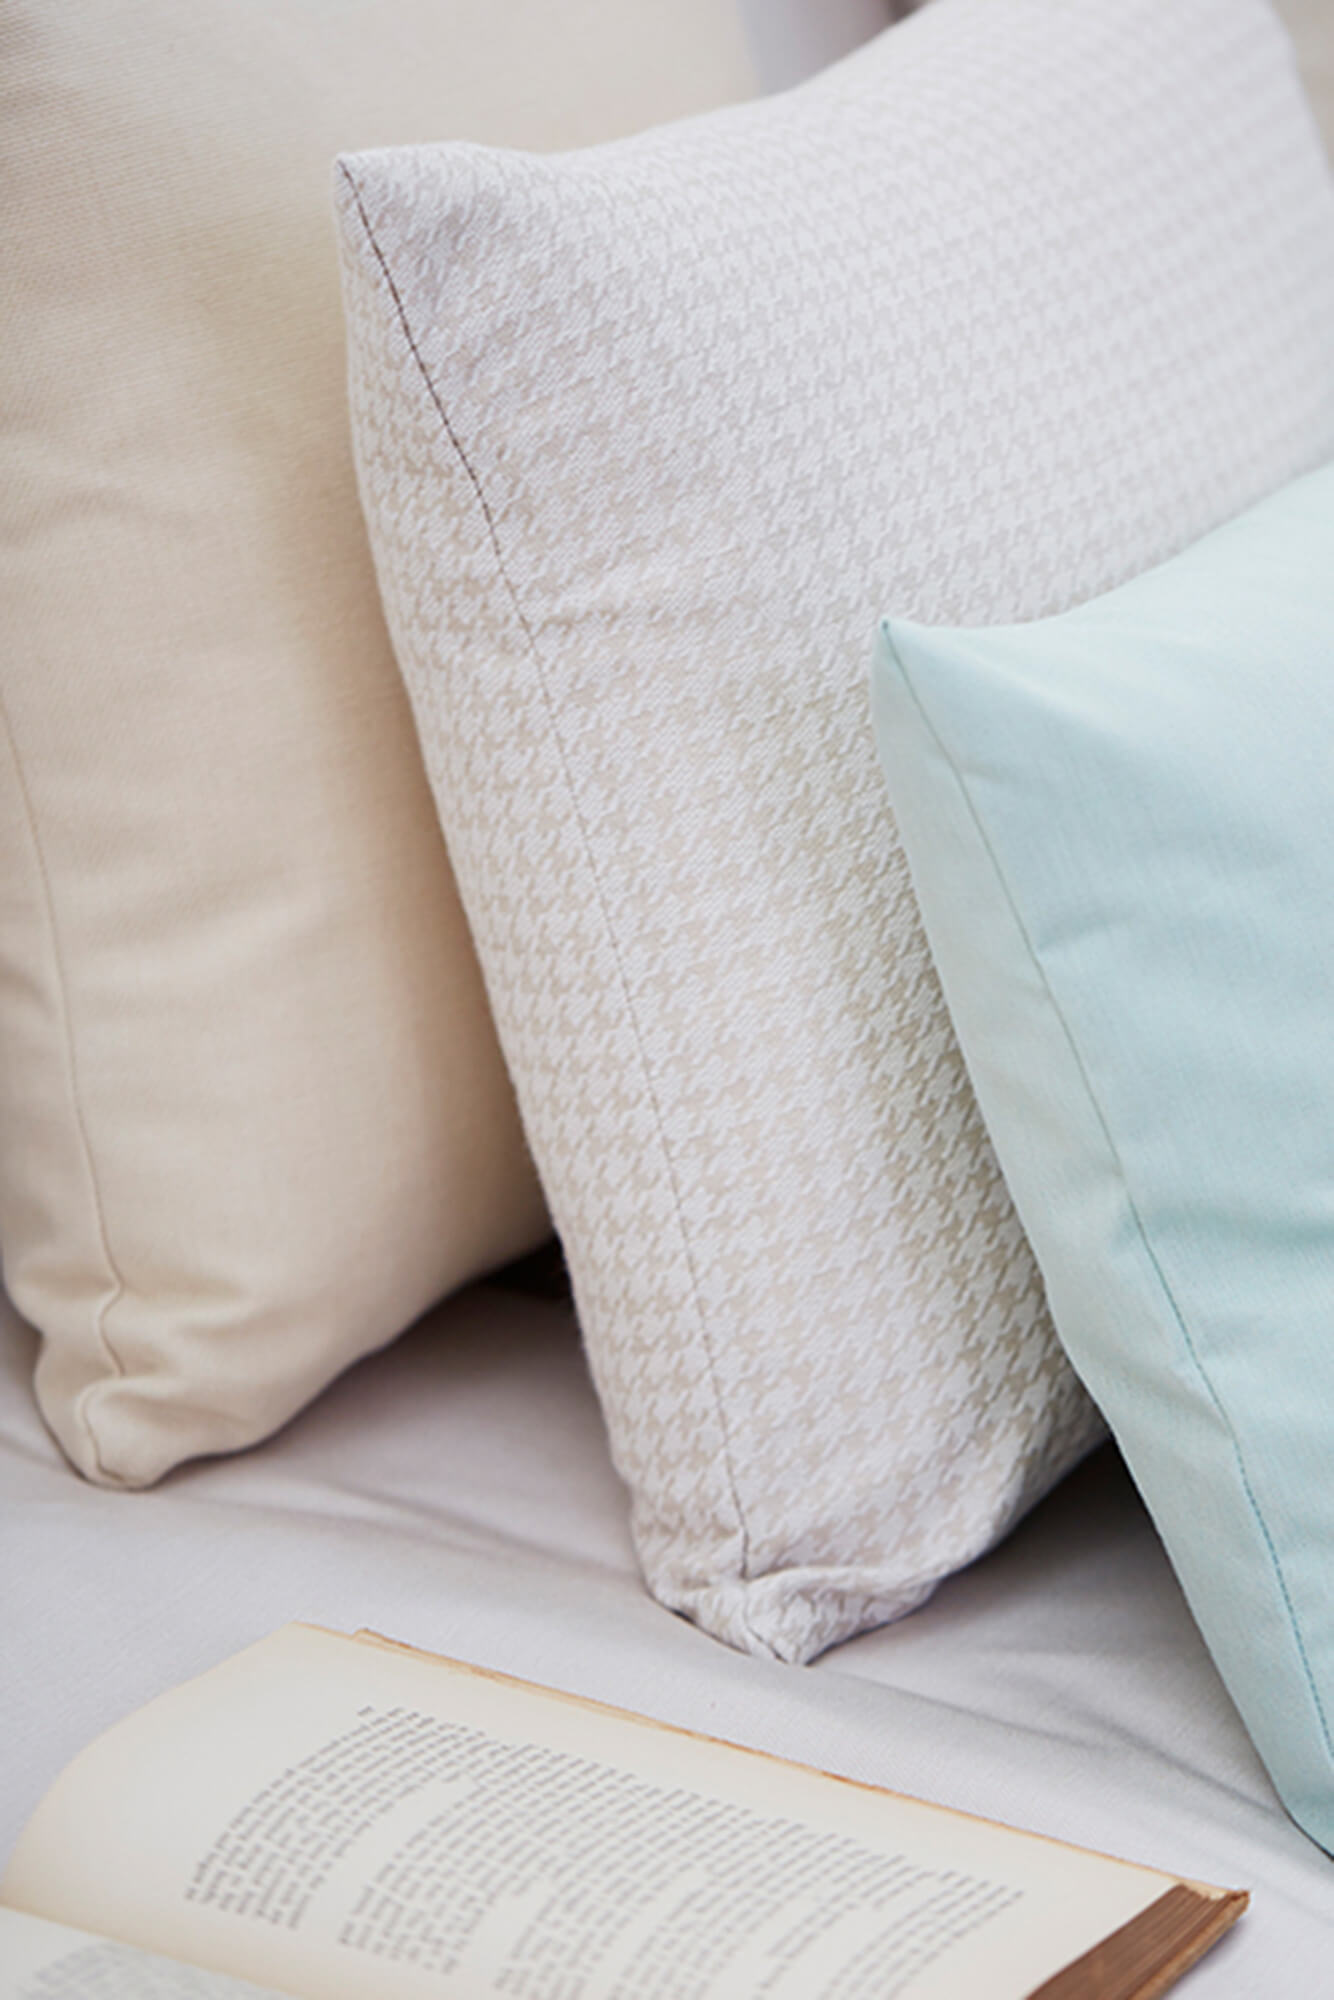 Cuscini dai colori neutri e verde acquamarina realizzati usando tessuti Sunbrella su un divano bianco